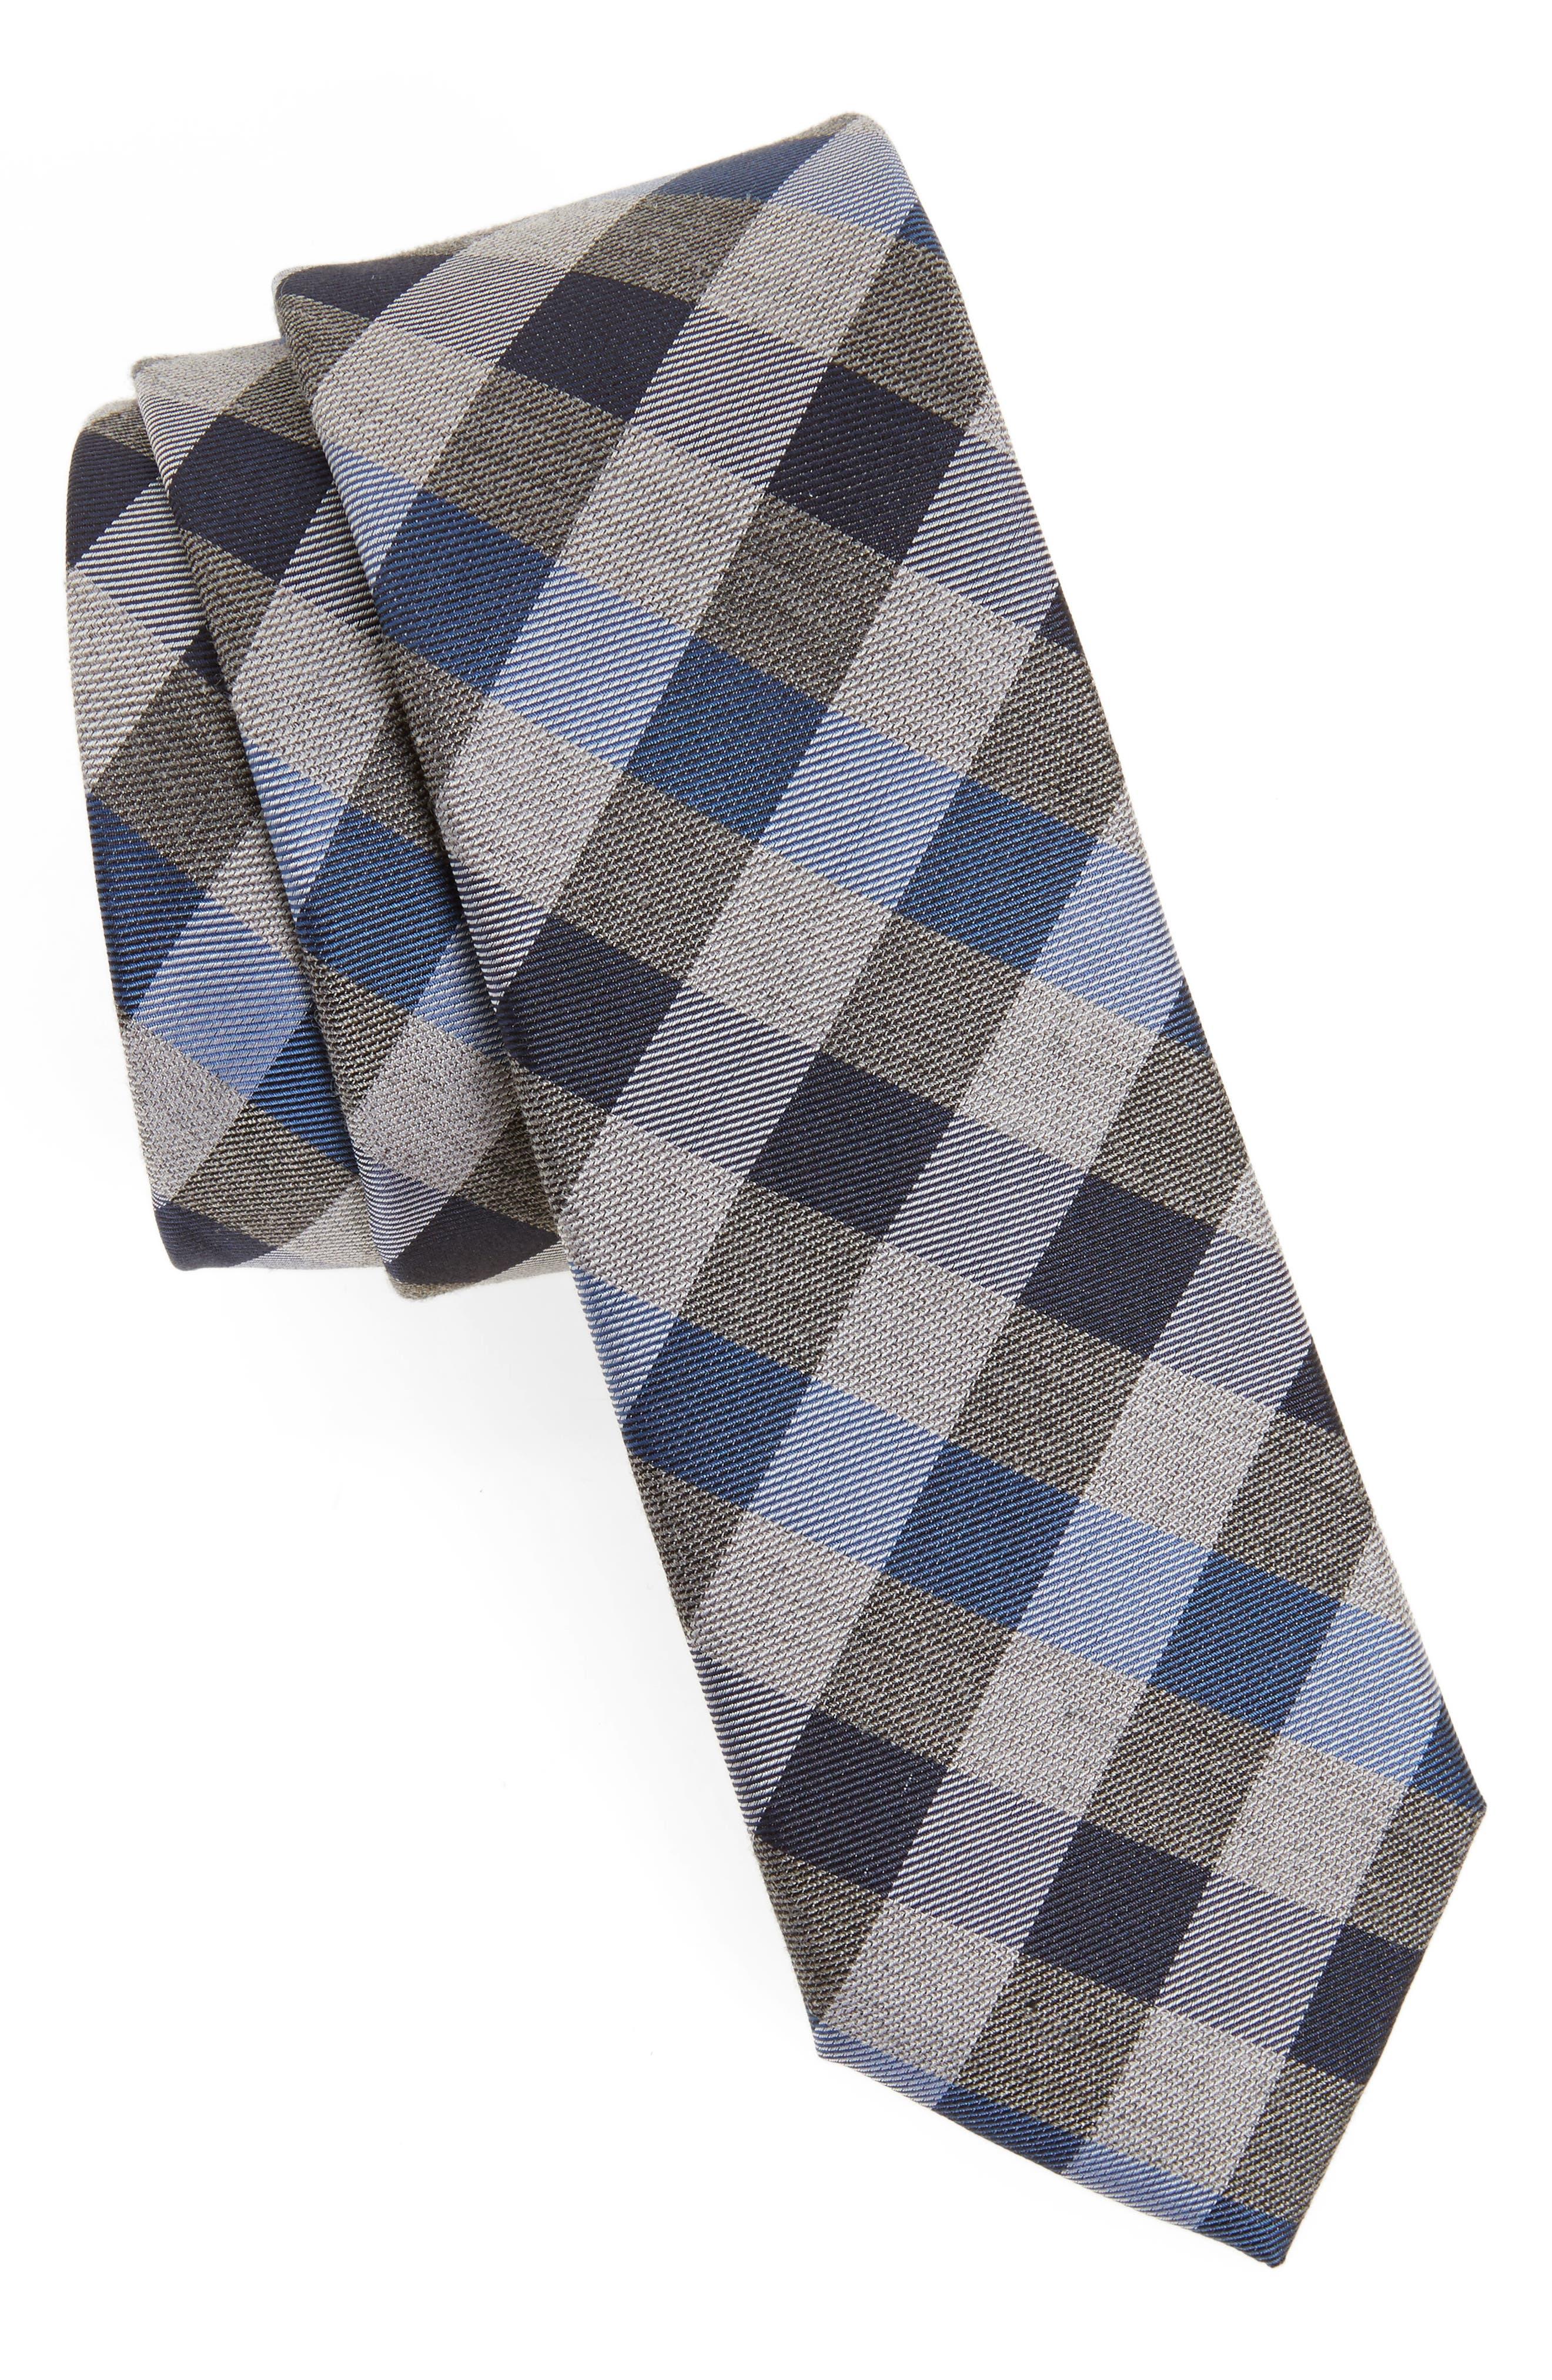 Schoolboy Gingham Check Silk Tie,                         Main,                         color, Navy